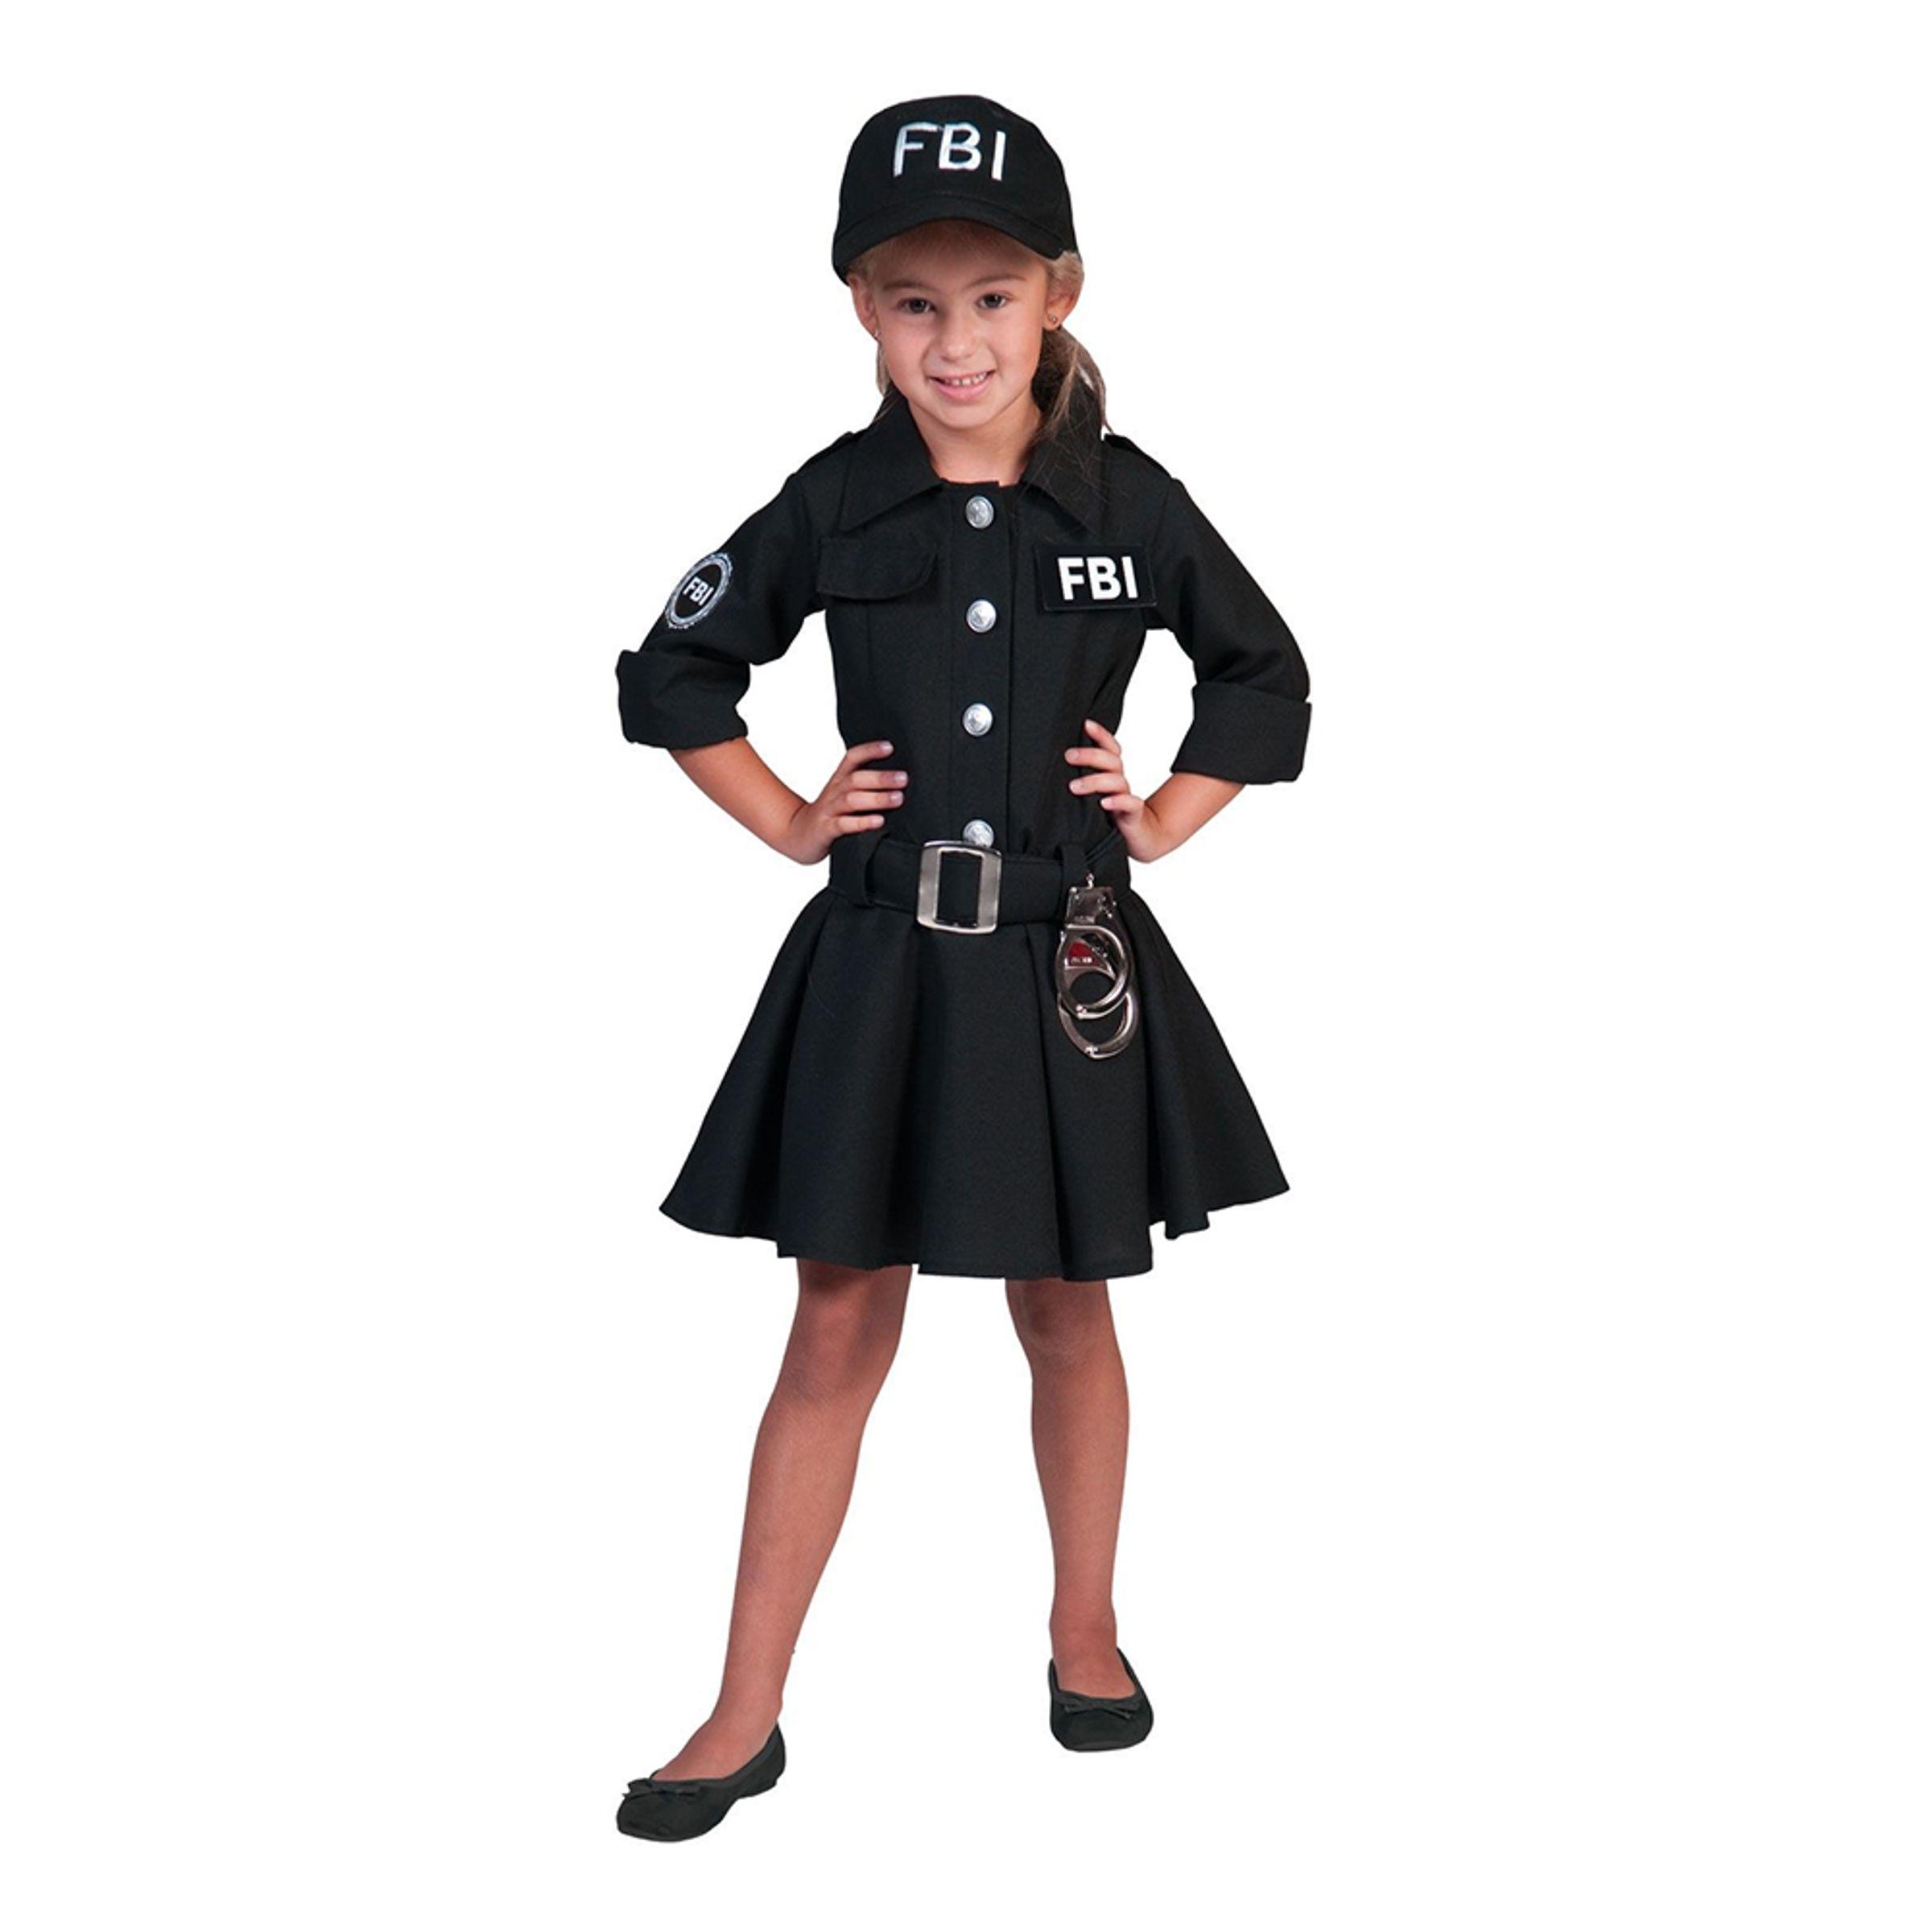 FBI Agent Klänning Barn Maskeraddräkt - X-Large